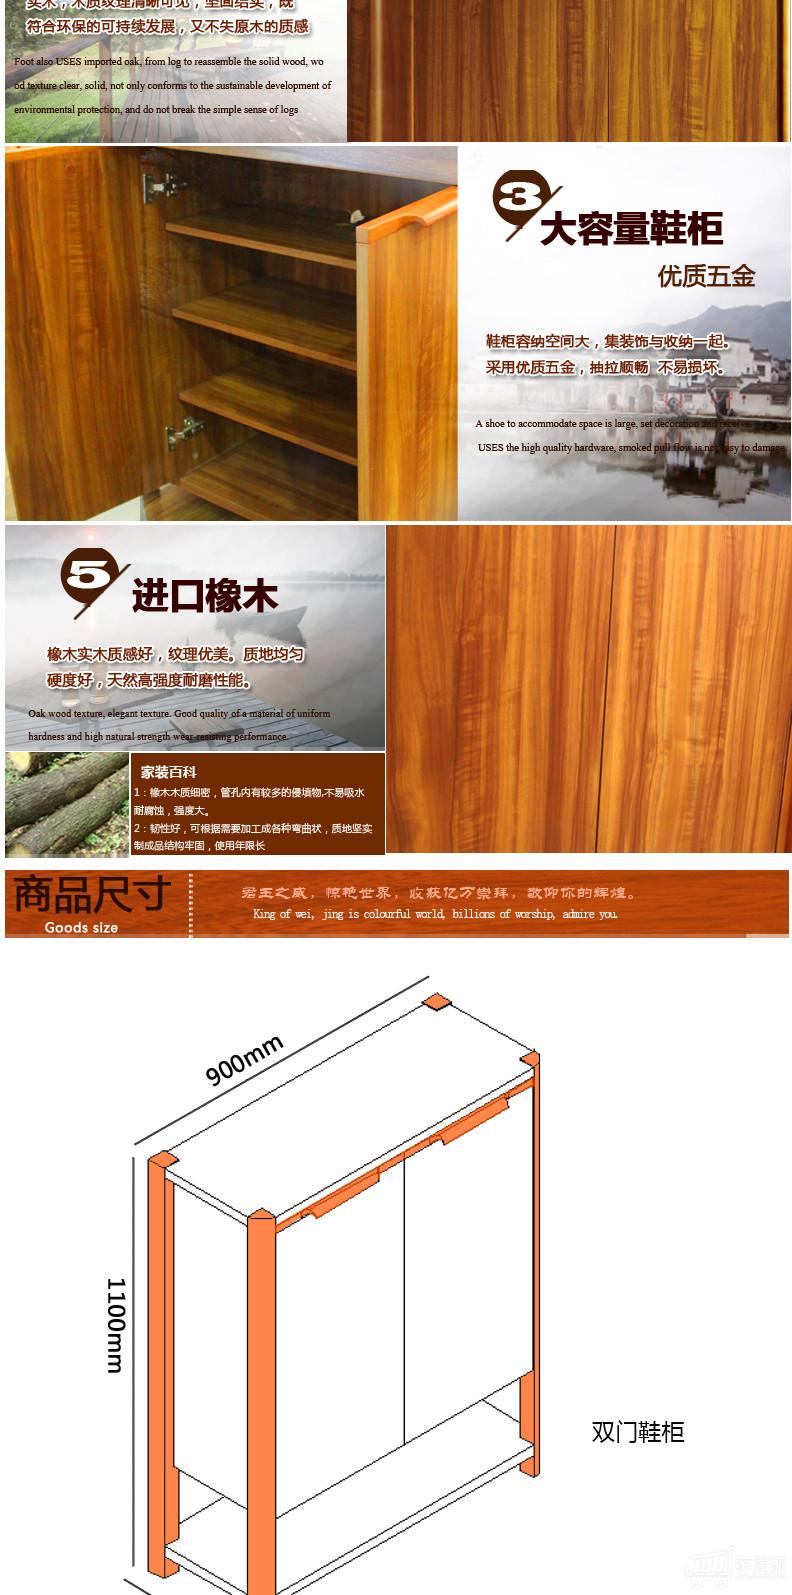 亚洲色囹aj9�_aj家居 新款简约中式 橡木实木柚色储物柜 大鞋柜包邮 aj9m02 二开门